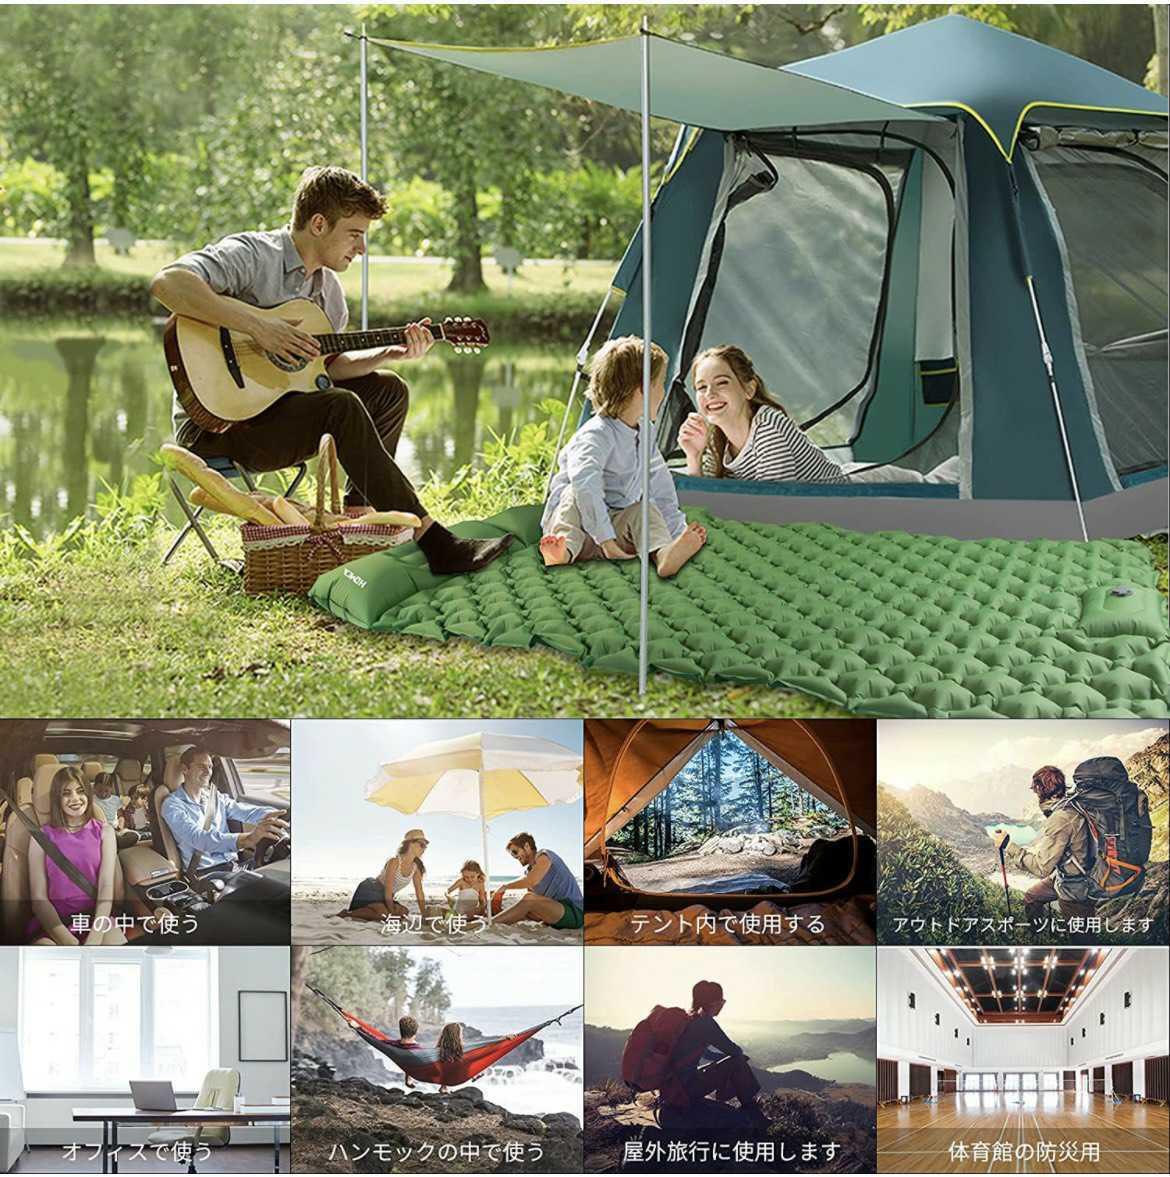 ダブル エアーマット キャンプ エアマット 枕付き 折畳み式 2人用 エアーベッド アウトドア用エアーマット 車中泊マット テント